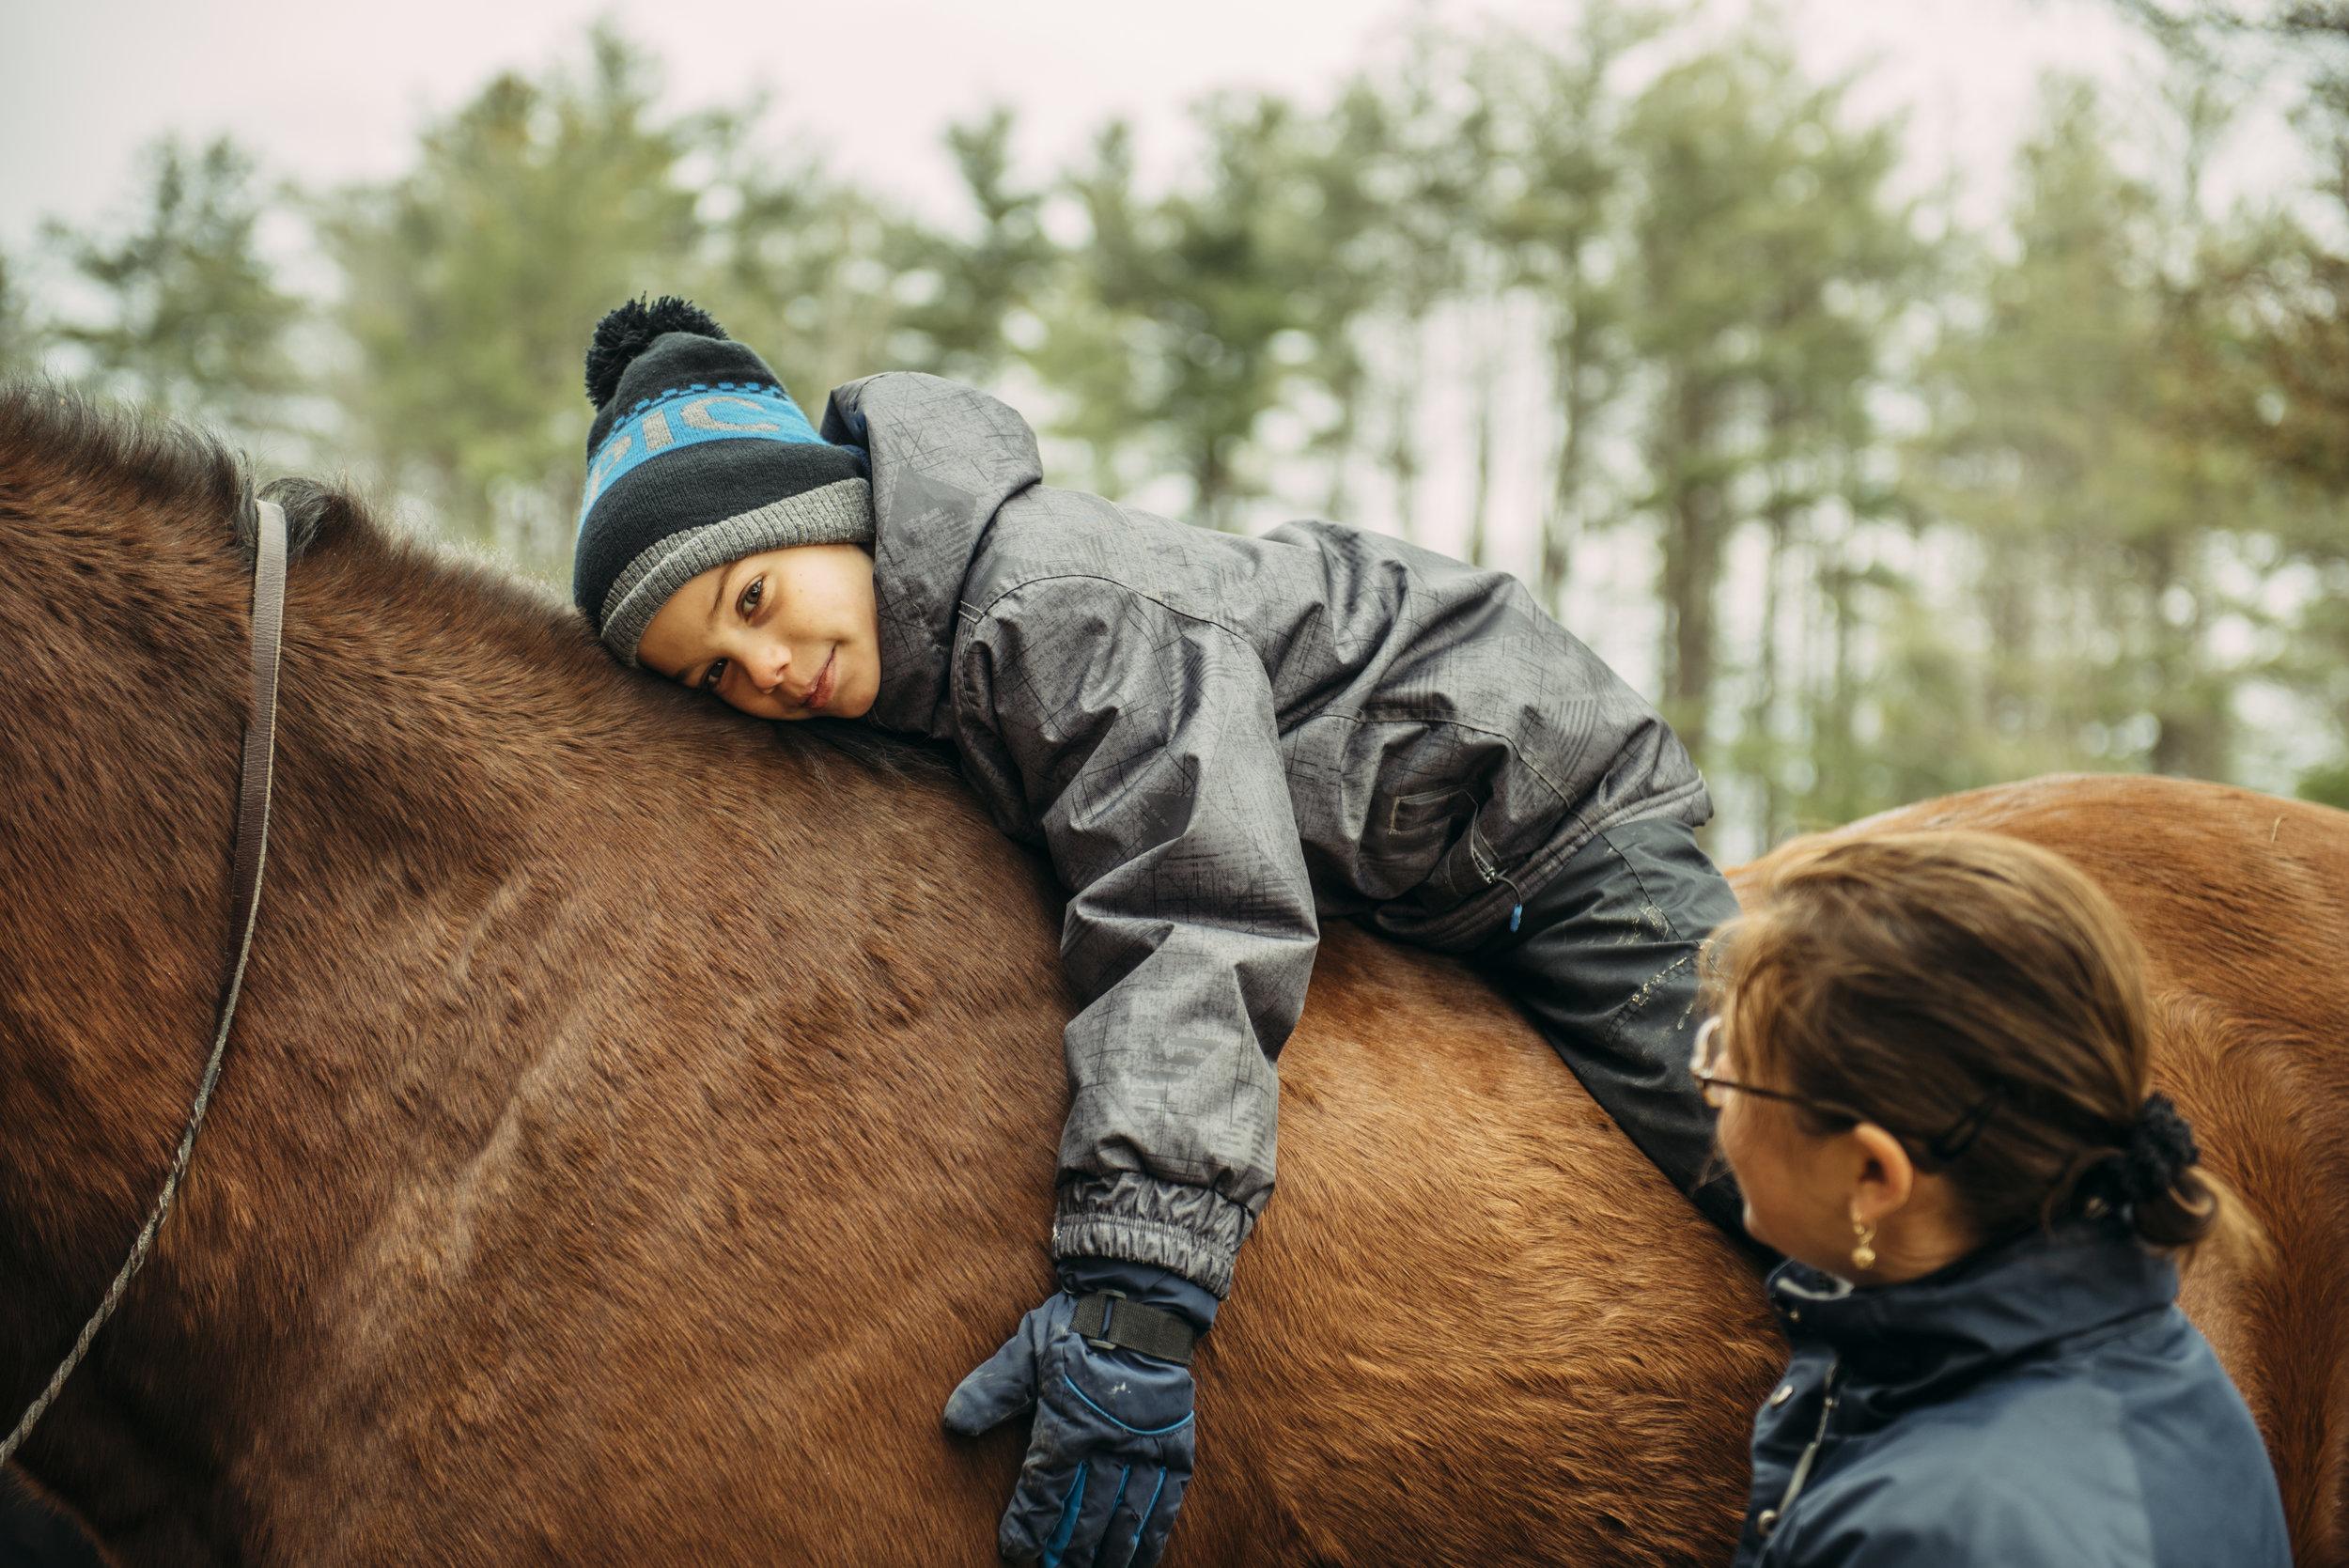 Soins des chevaux - – L'entraînement– L'équipement équestre– La pension– Les visites du vétérinaire– Le parage